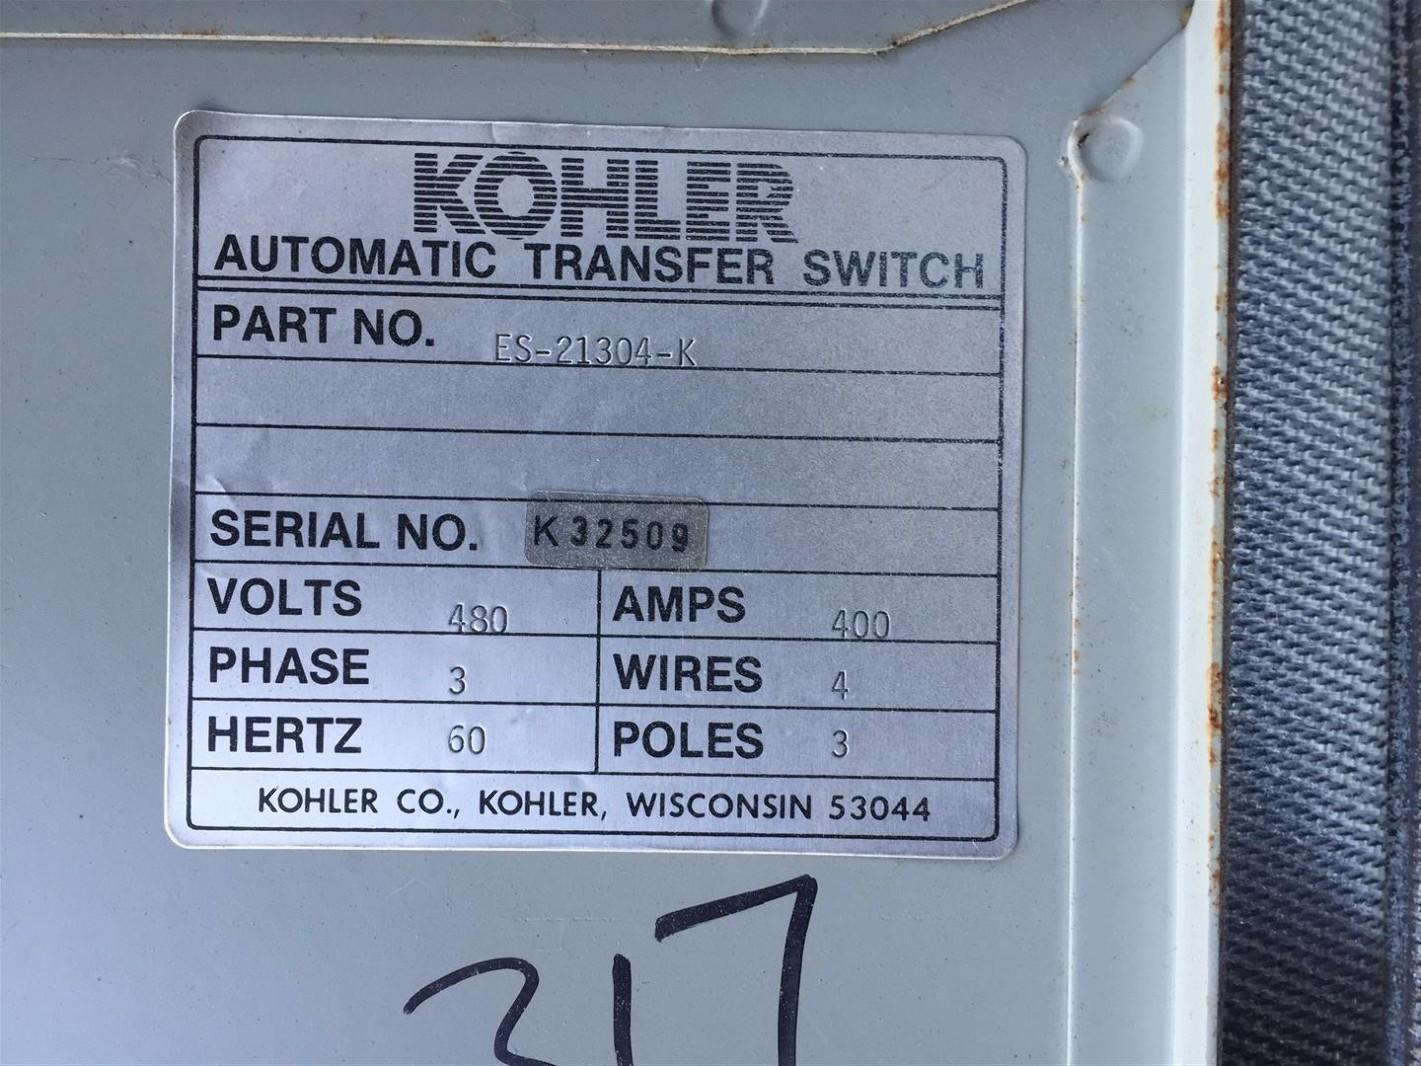 Kohler 400 Amp Automatic Transfer Switch 480v 3ph 60hz K32509 Ebay On 3 Phase Wiring